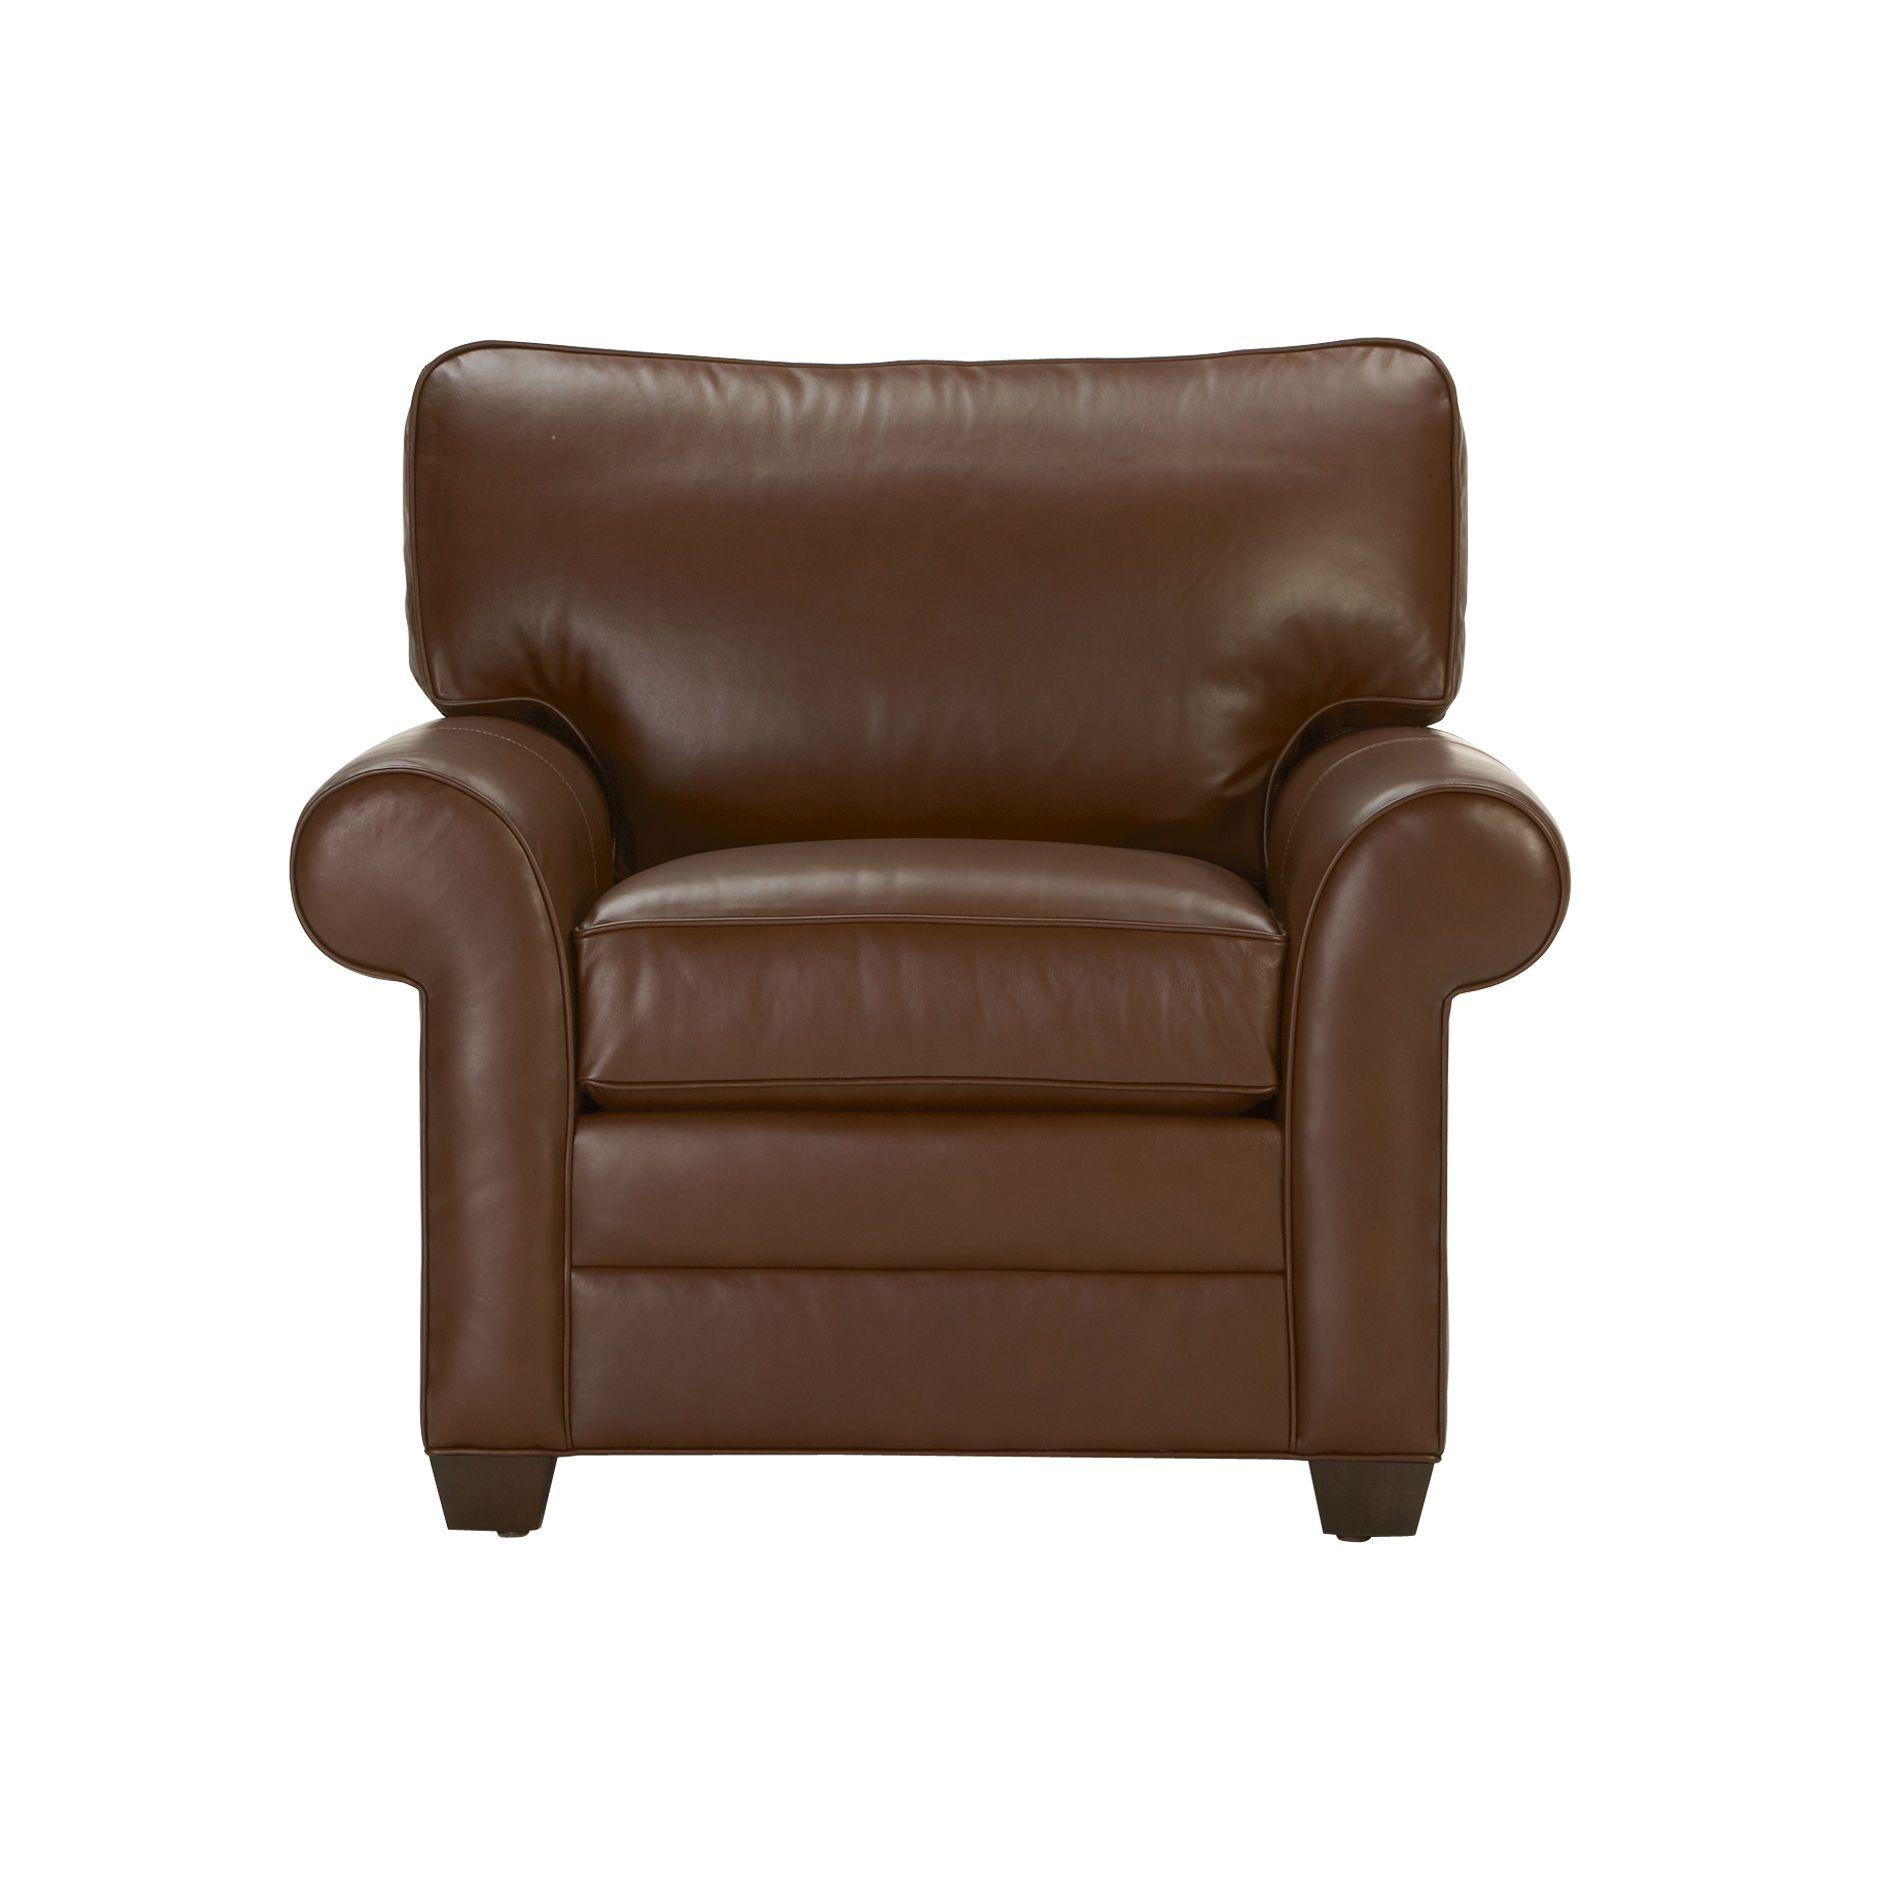 Bennett Express Roll-Arm Leather Chair - Ethan Allen US